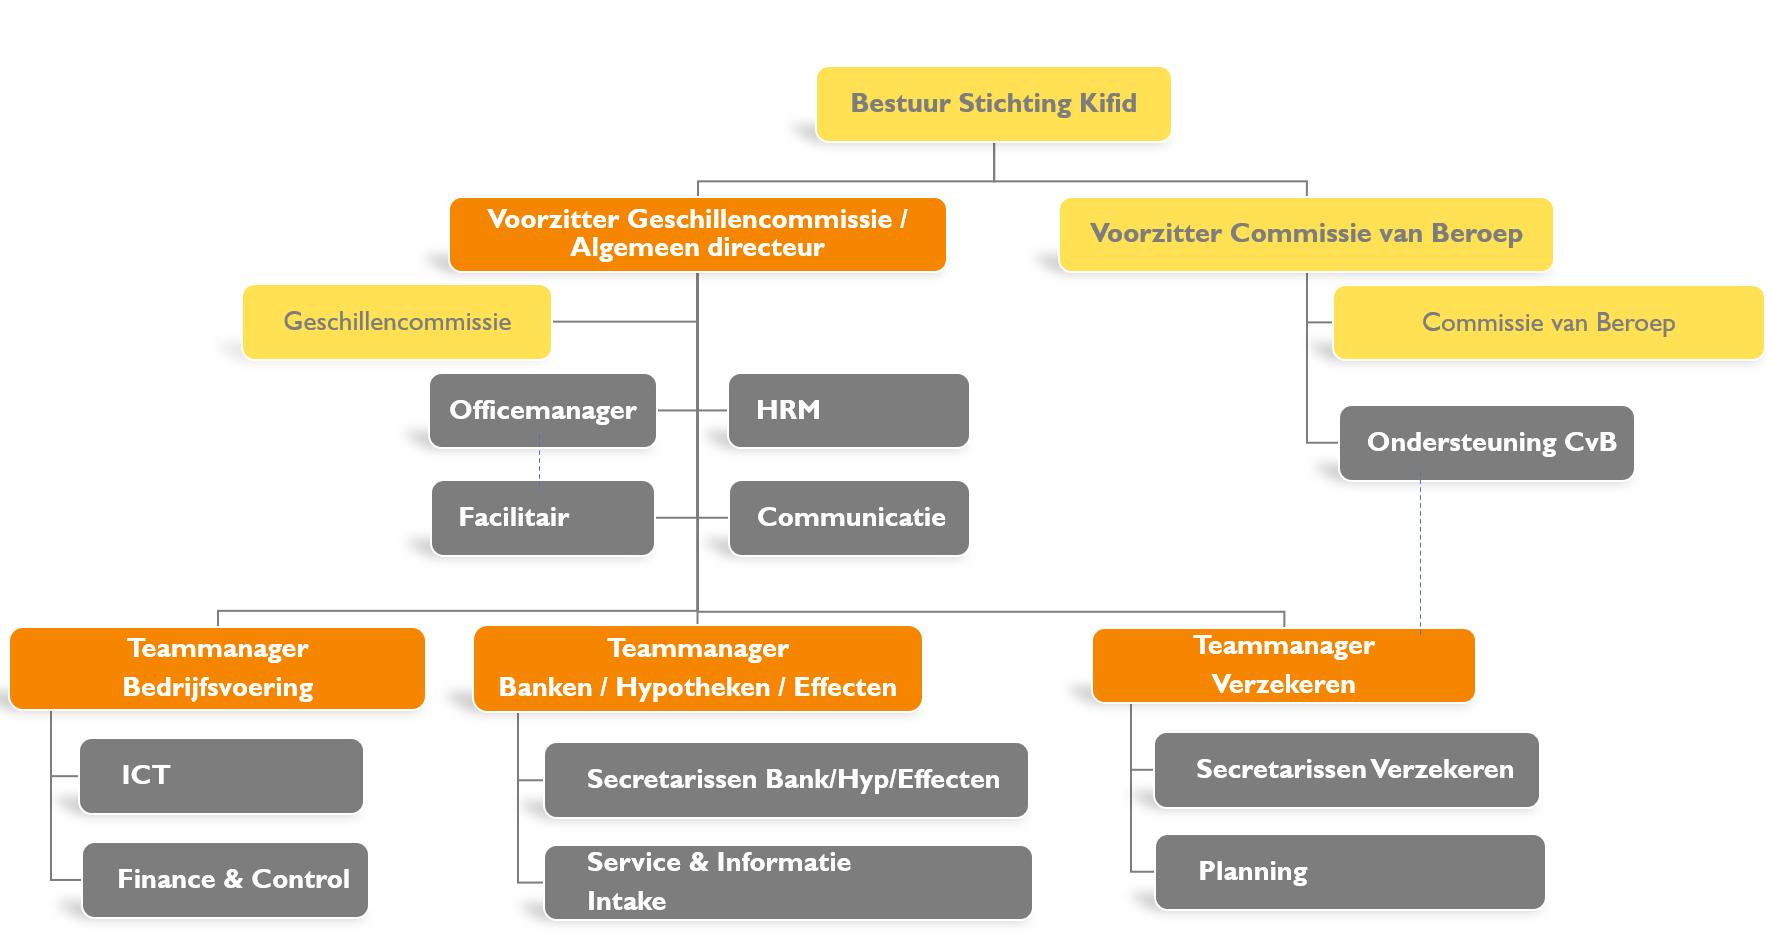 Structuur van de organisatie afgebeeld